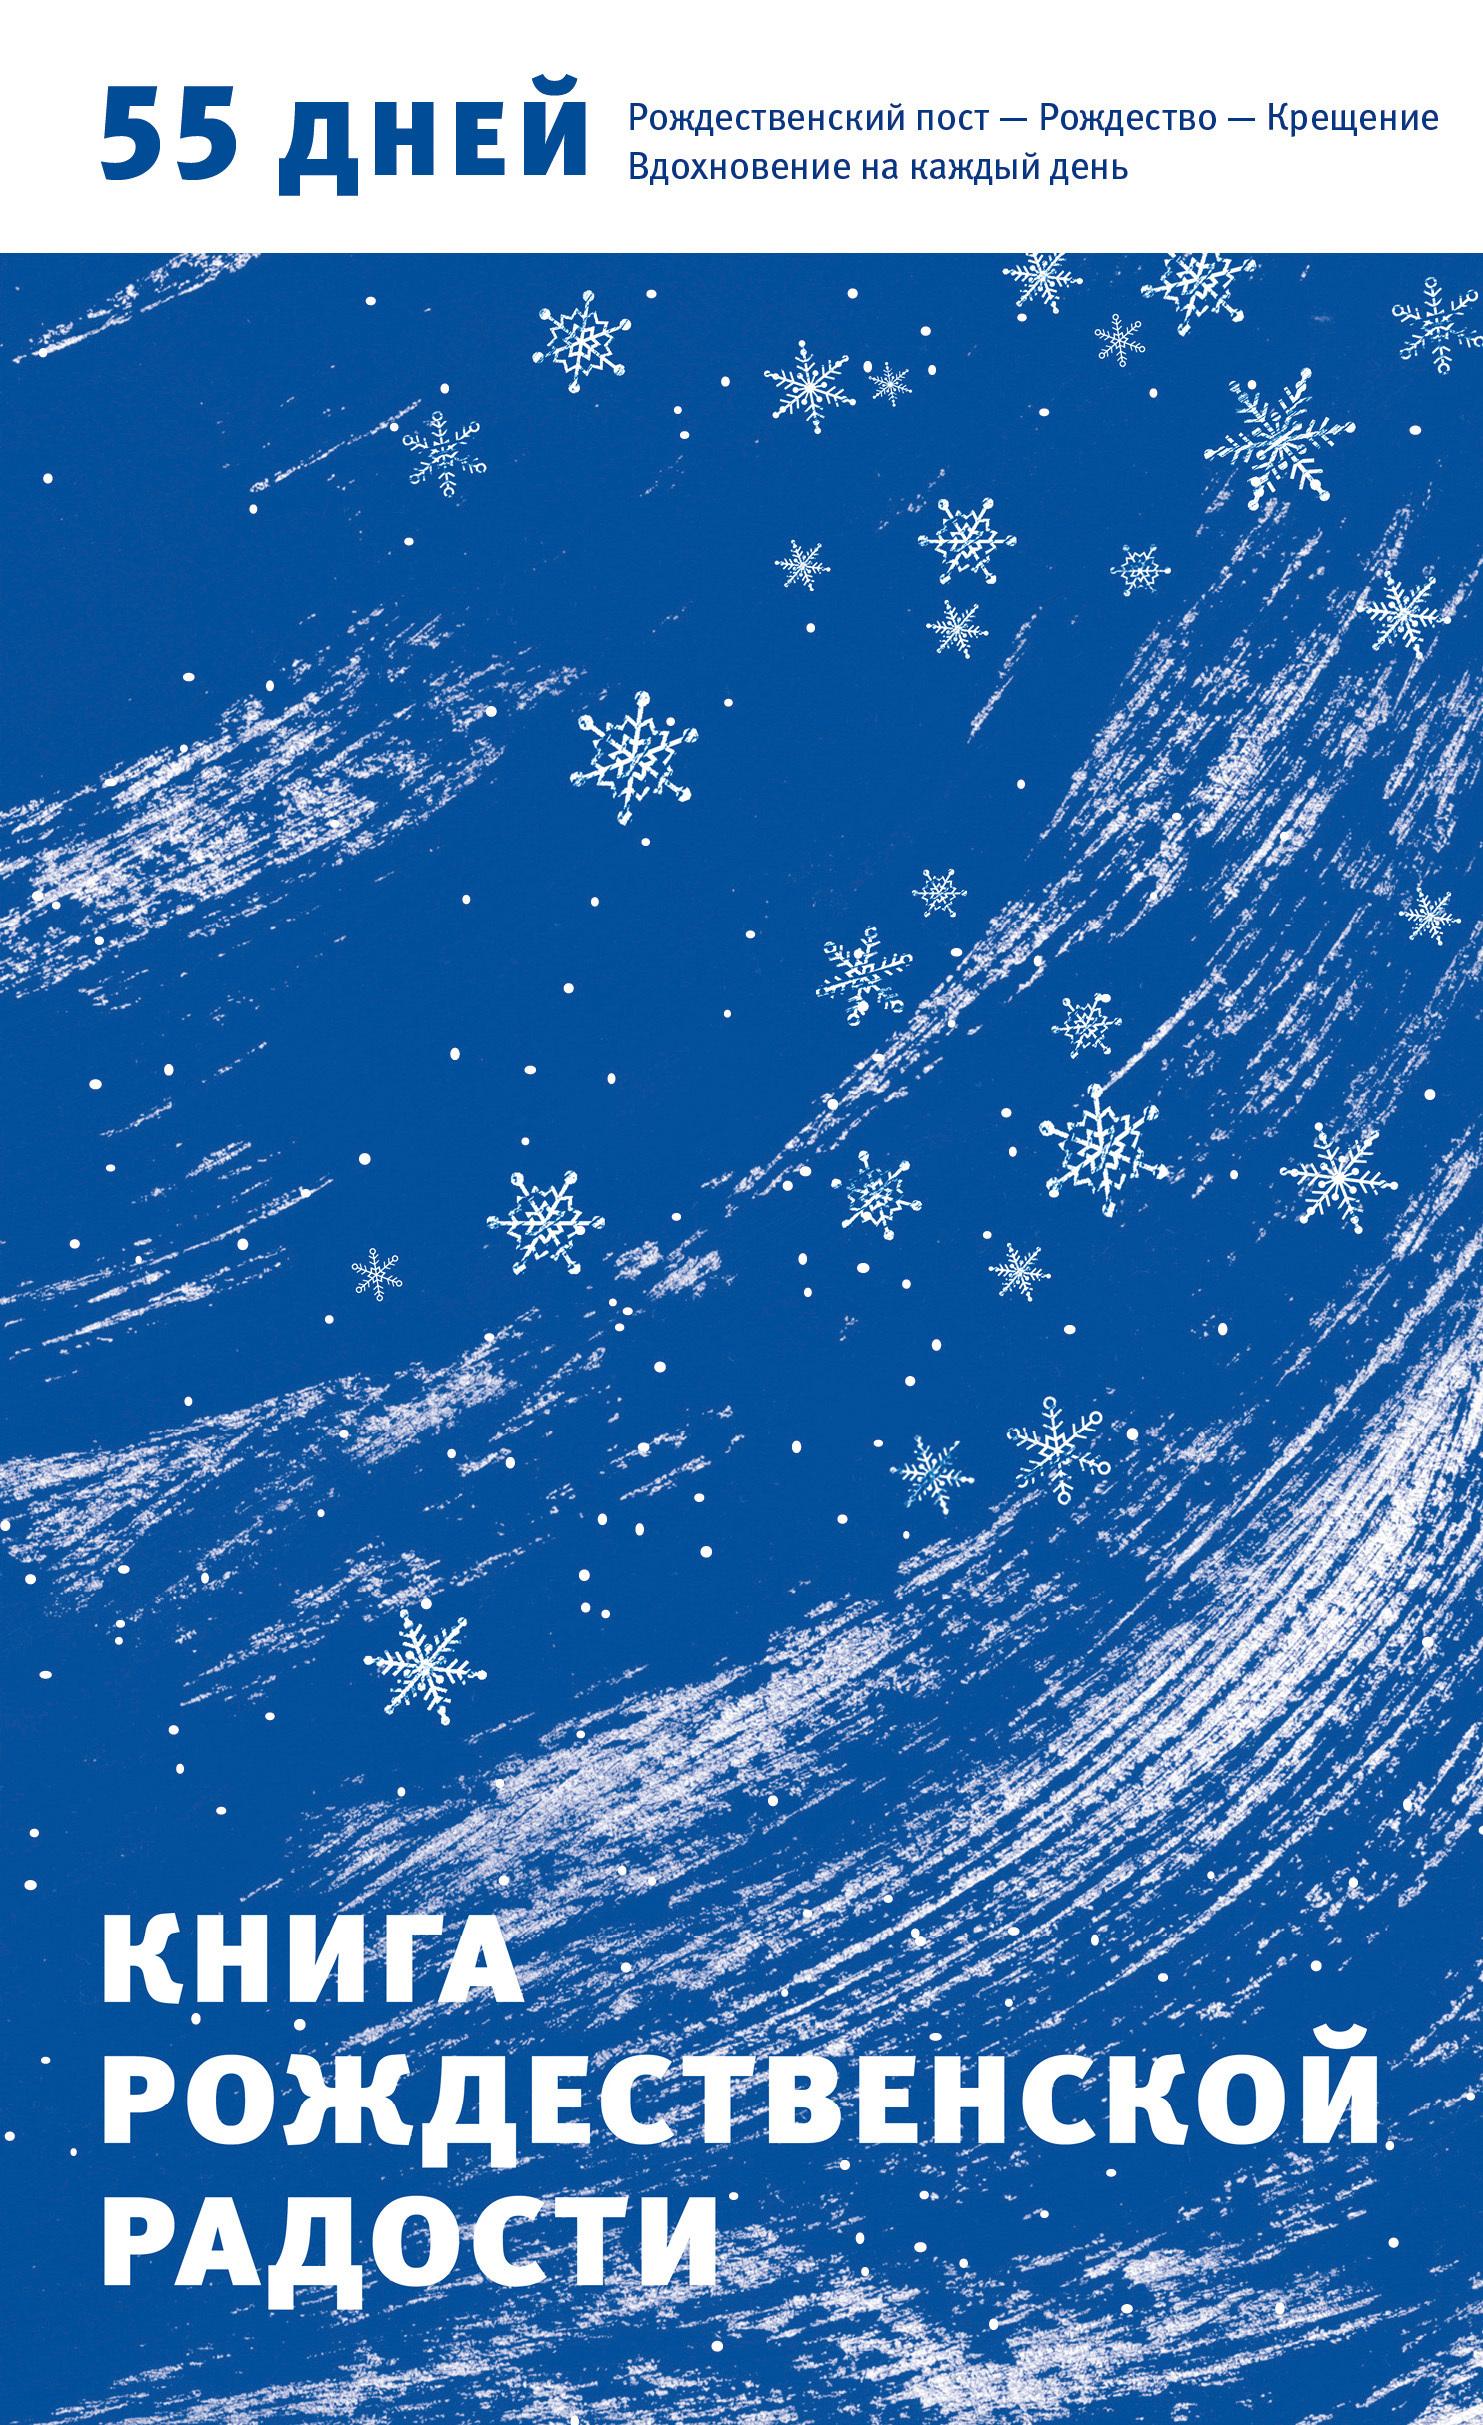 Отсутствует. Книга Рождественской радости. 55 дней. Рождественский пост – Рождество – Крещение. Вдохновение на каждый день